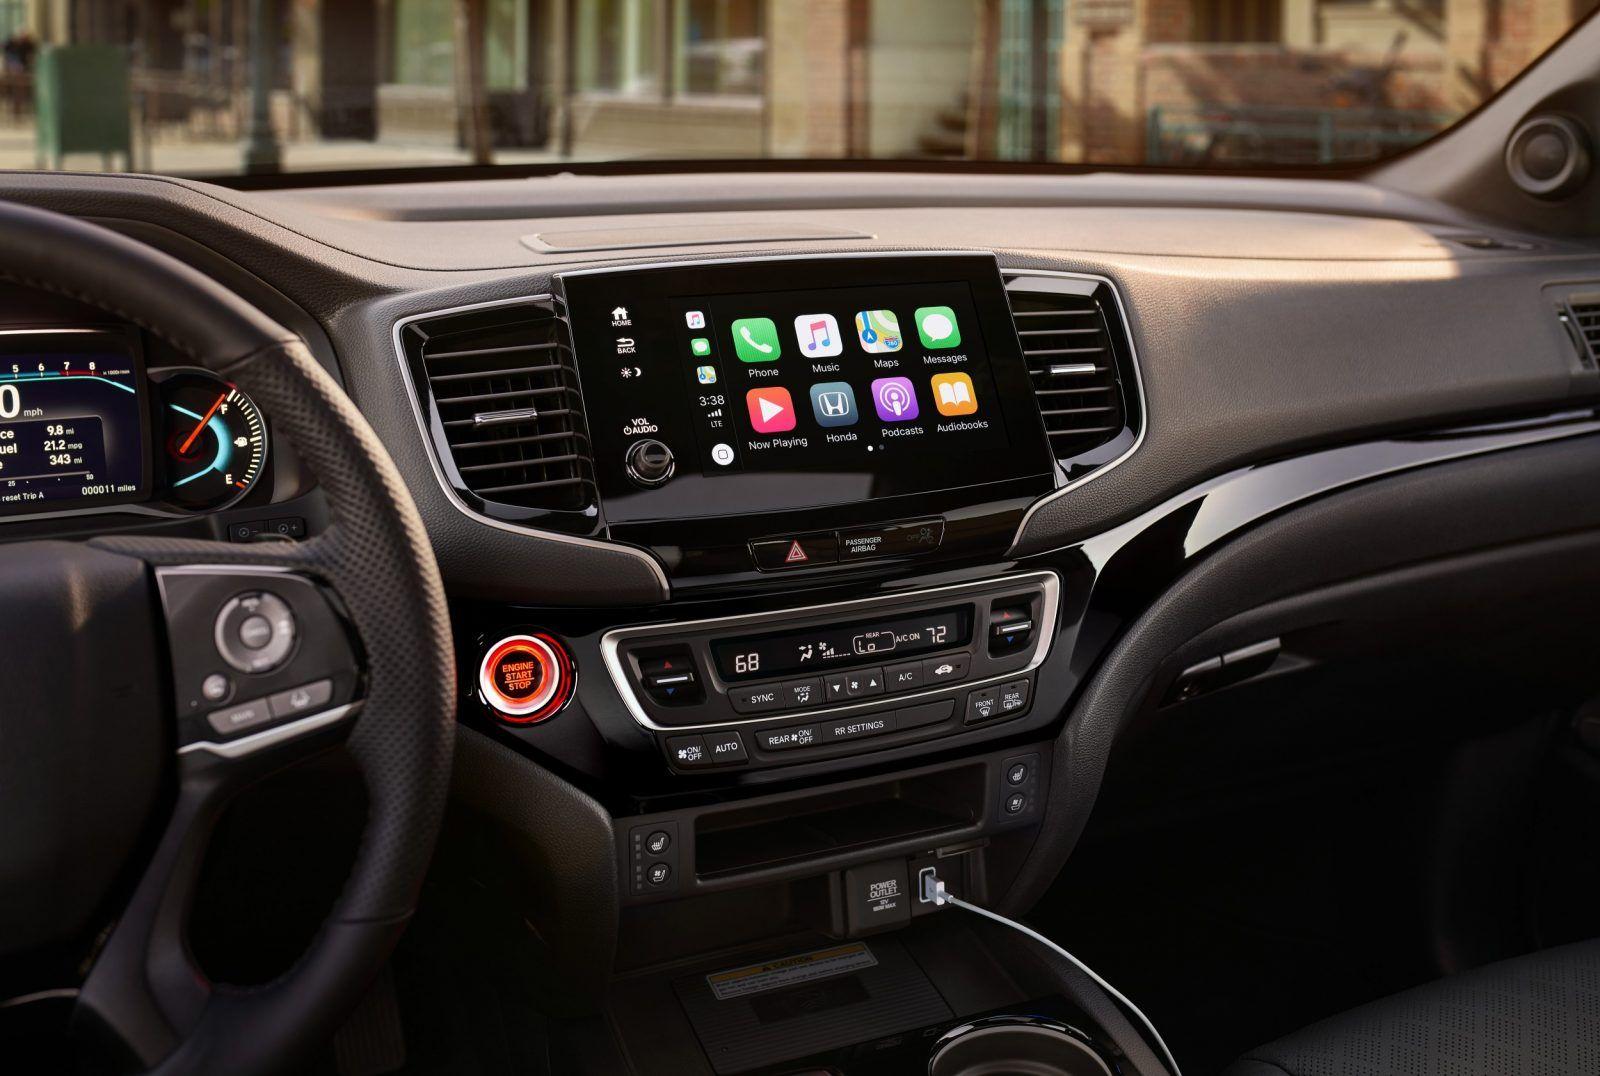 Mit Welchen Auto Trends Konnen Wir 2019 Rechnen Aktuelle Nachrichten Car Revs Daily Com Aktuelle Autodasalleinefahrt Aut Honda Passport Honda Suv Honda